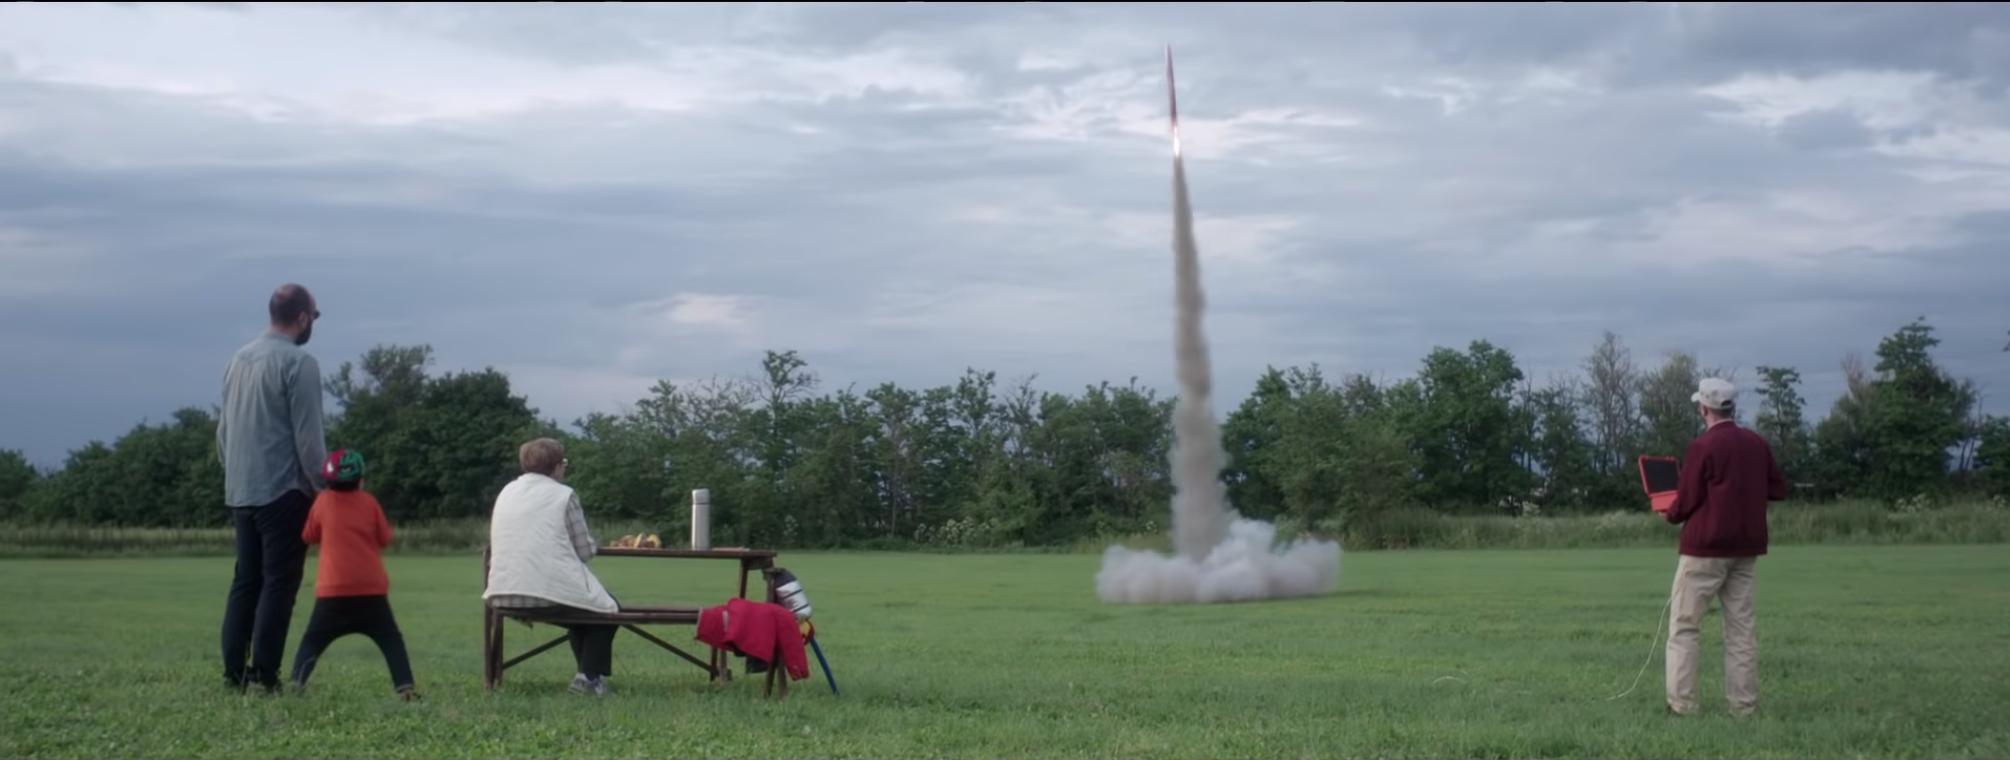 missili-frah-quintale-giorgio-poi-land-ho